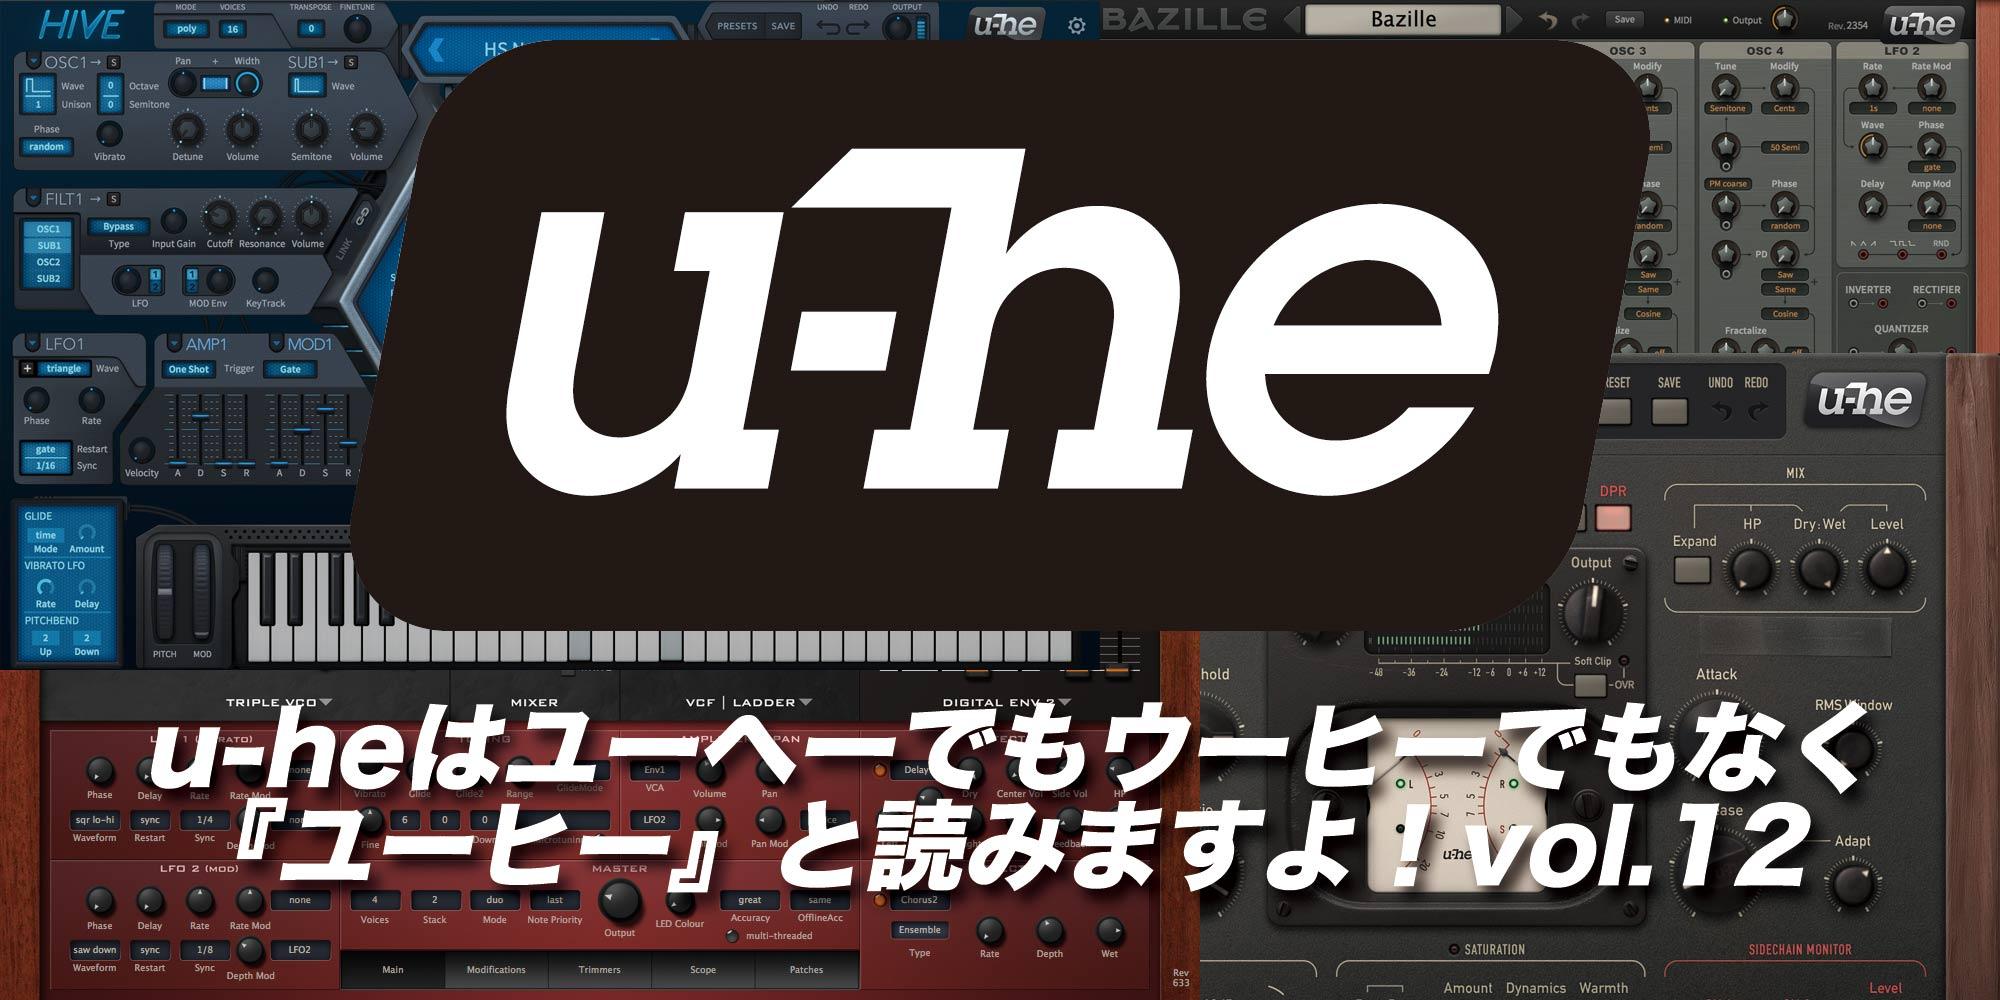 【連載】u-heはユーヘーでもウーヒーでもなく『ユーヒー』と読みますよ!vol.12